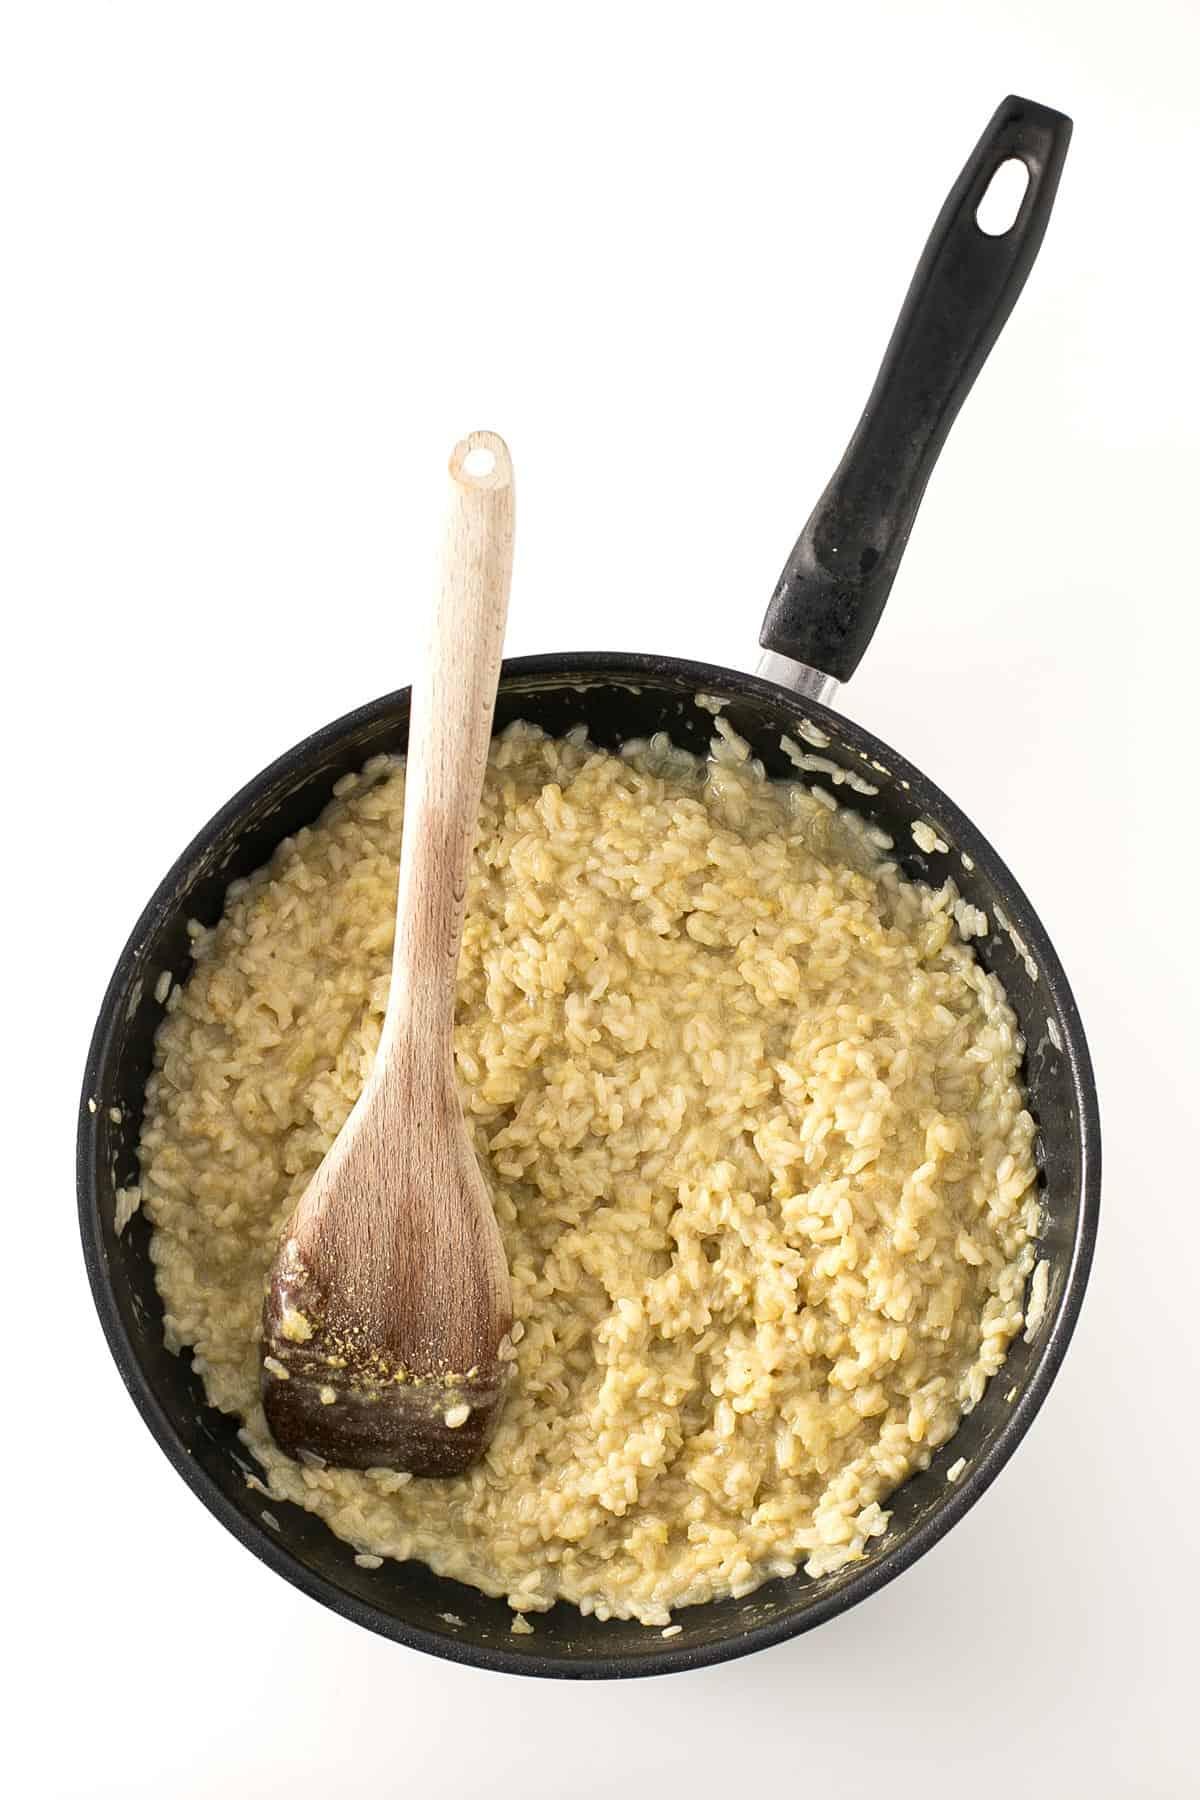 Risotto Vegano de Champiñones. - Es fácil preparar un risotto vegano y el de champiñones es una de las recetas más populares. Esta versión no tiene colesterol, es baja en grasa y más sana.